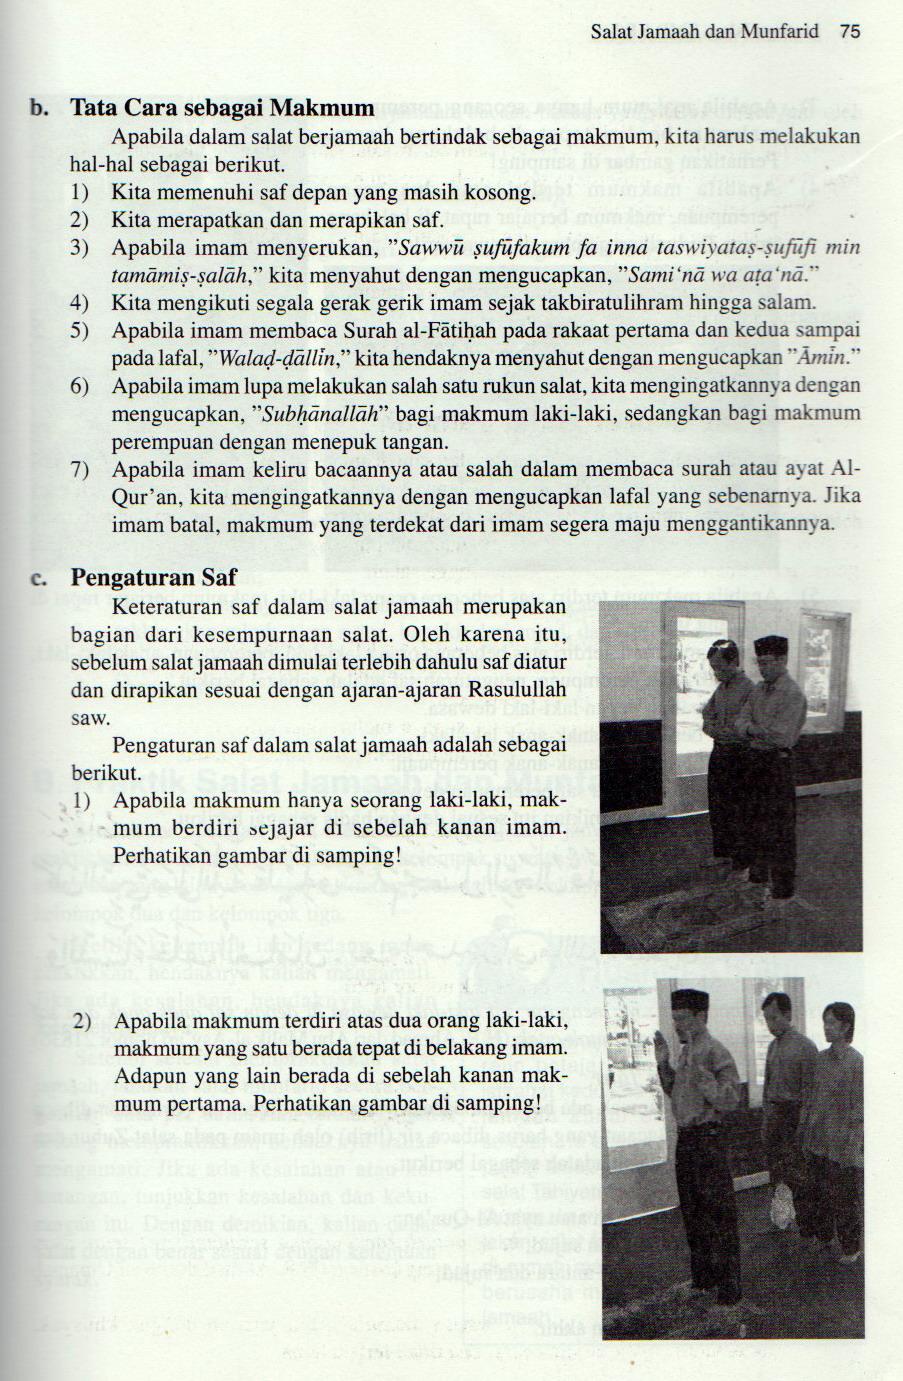 Media Pembelajaran Pendidikan Agama Islam Pai Rpp Pendidikan Agama Islam Pai 7smp Sms1